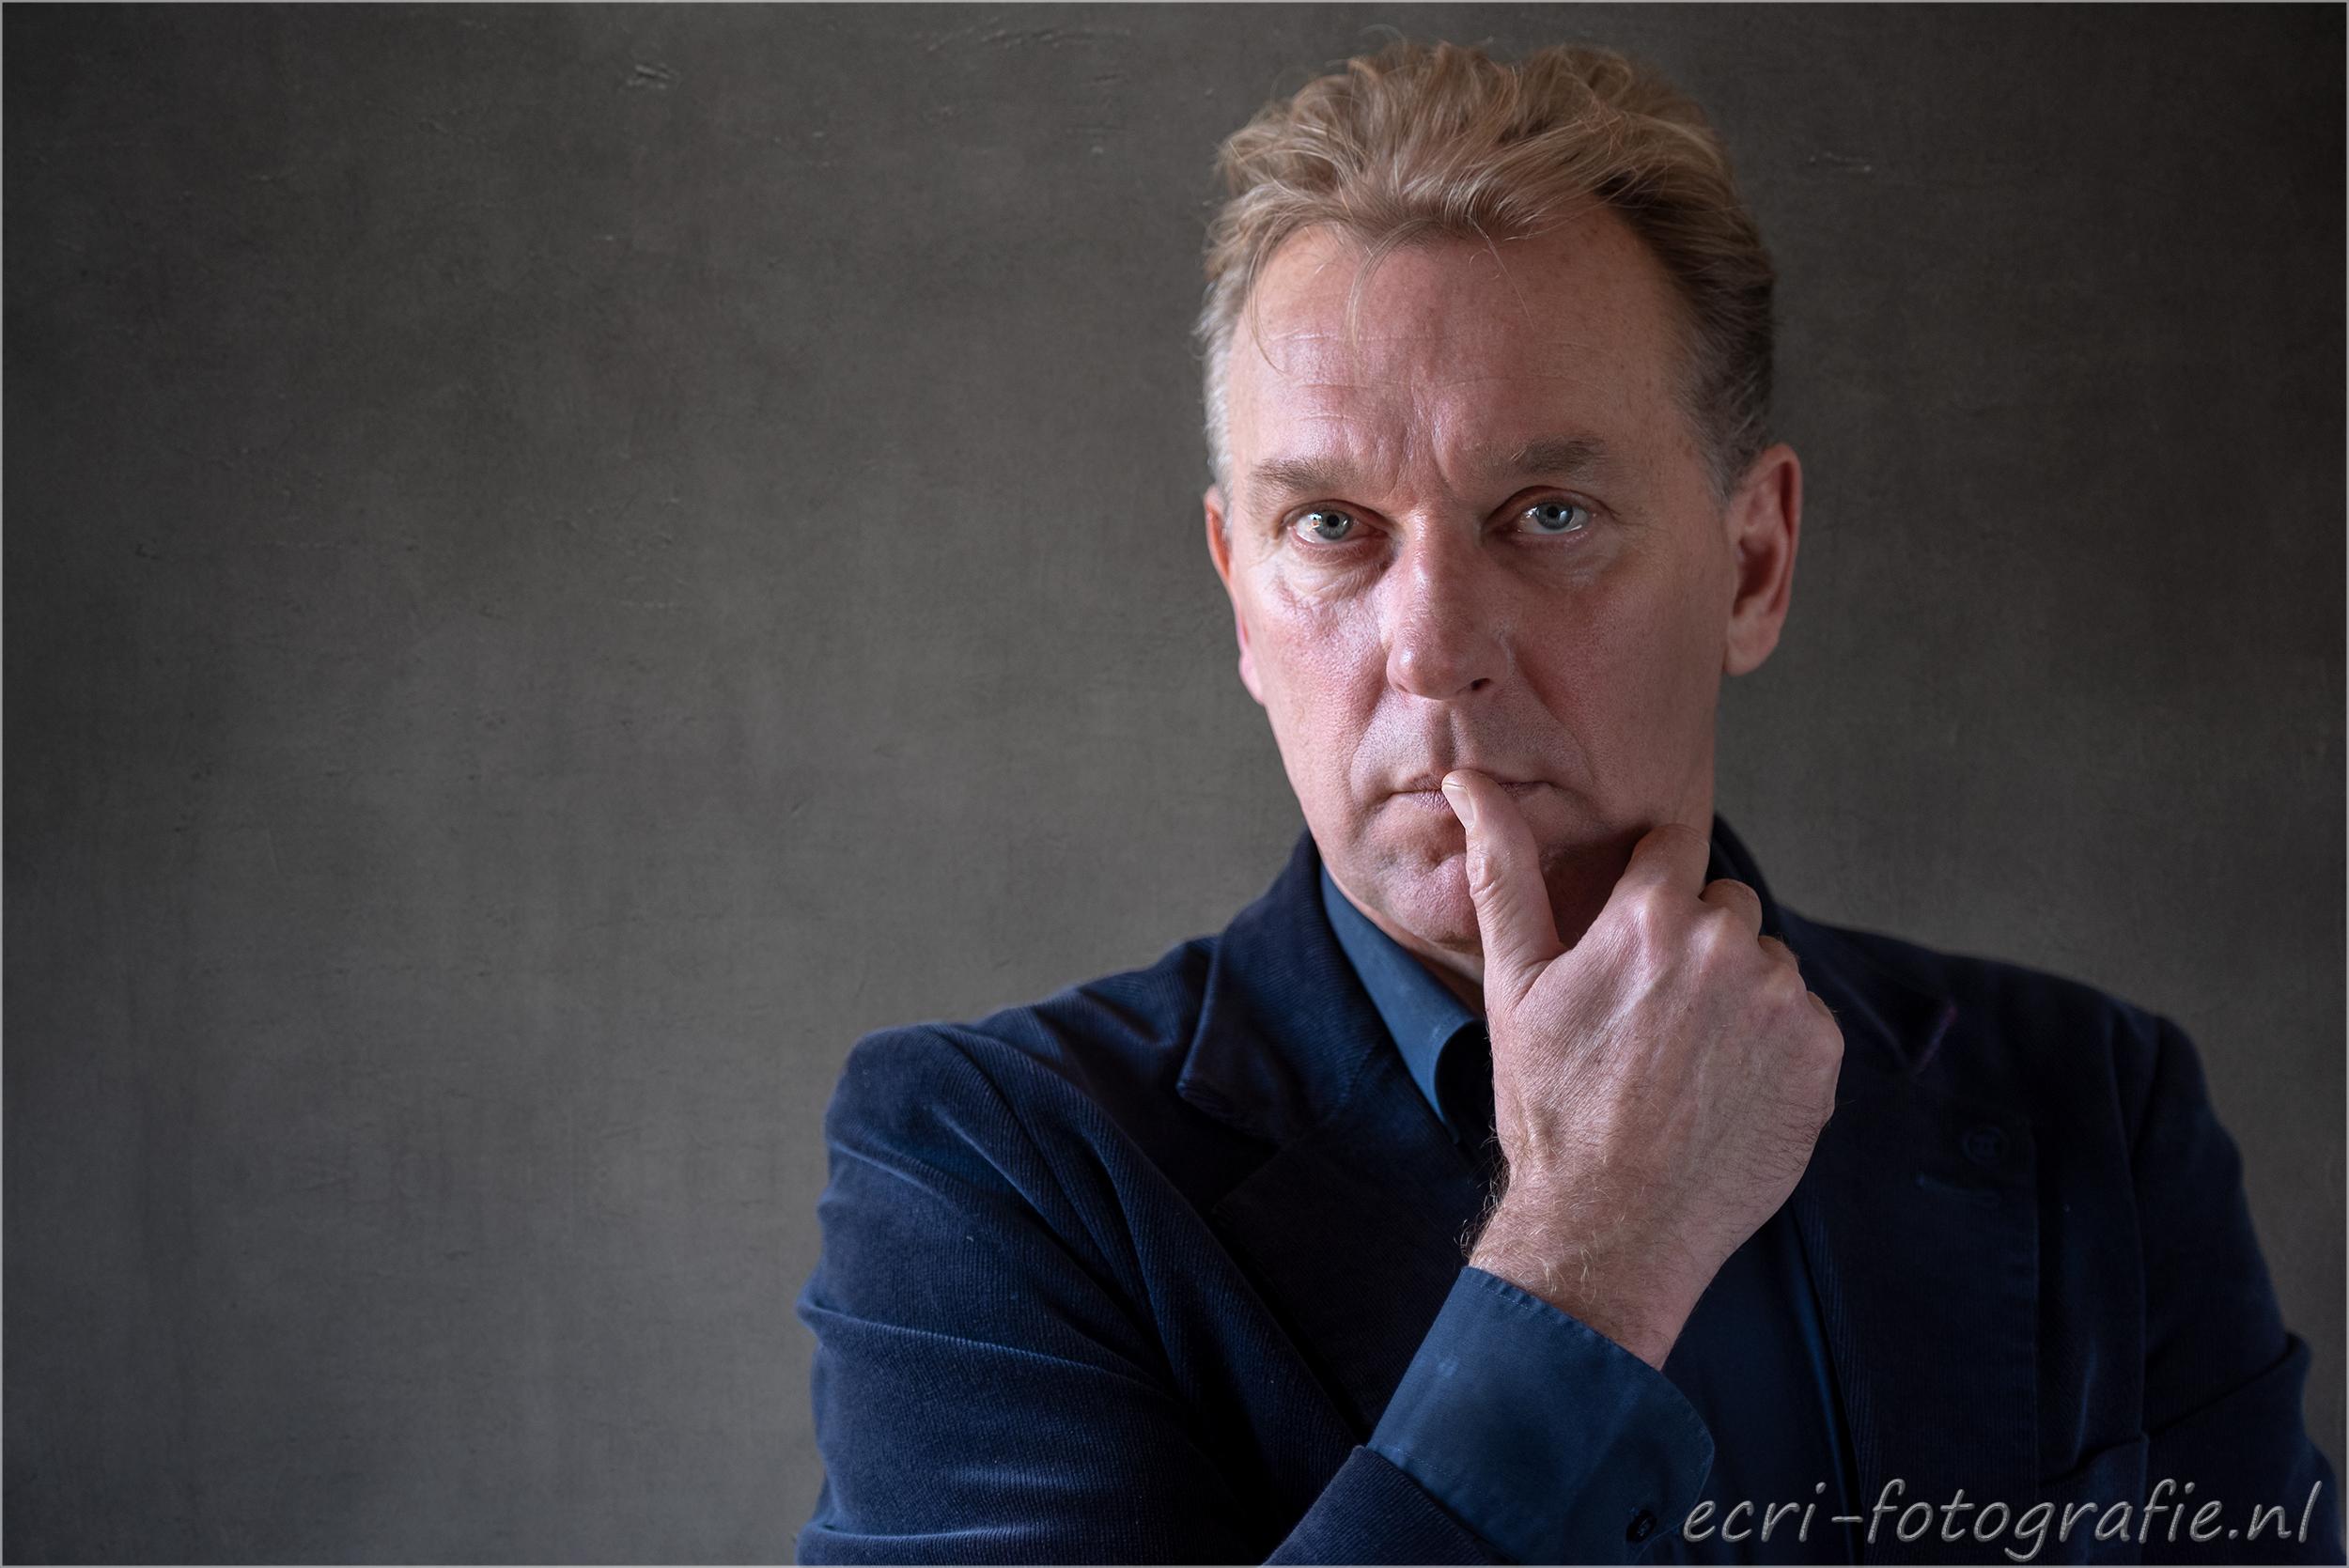 ecri-fotografie, ecri, Eric de Jonge, John Geestman, Geestman.nl, executive coach, ecri-fotografie.nl, eric de Jonge, executive coach, ecri-fotografie.nl, eric de Jonge